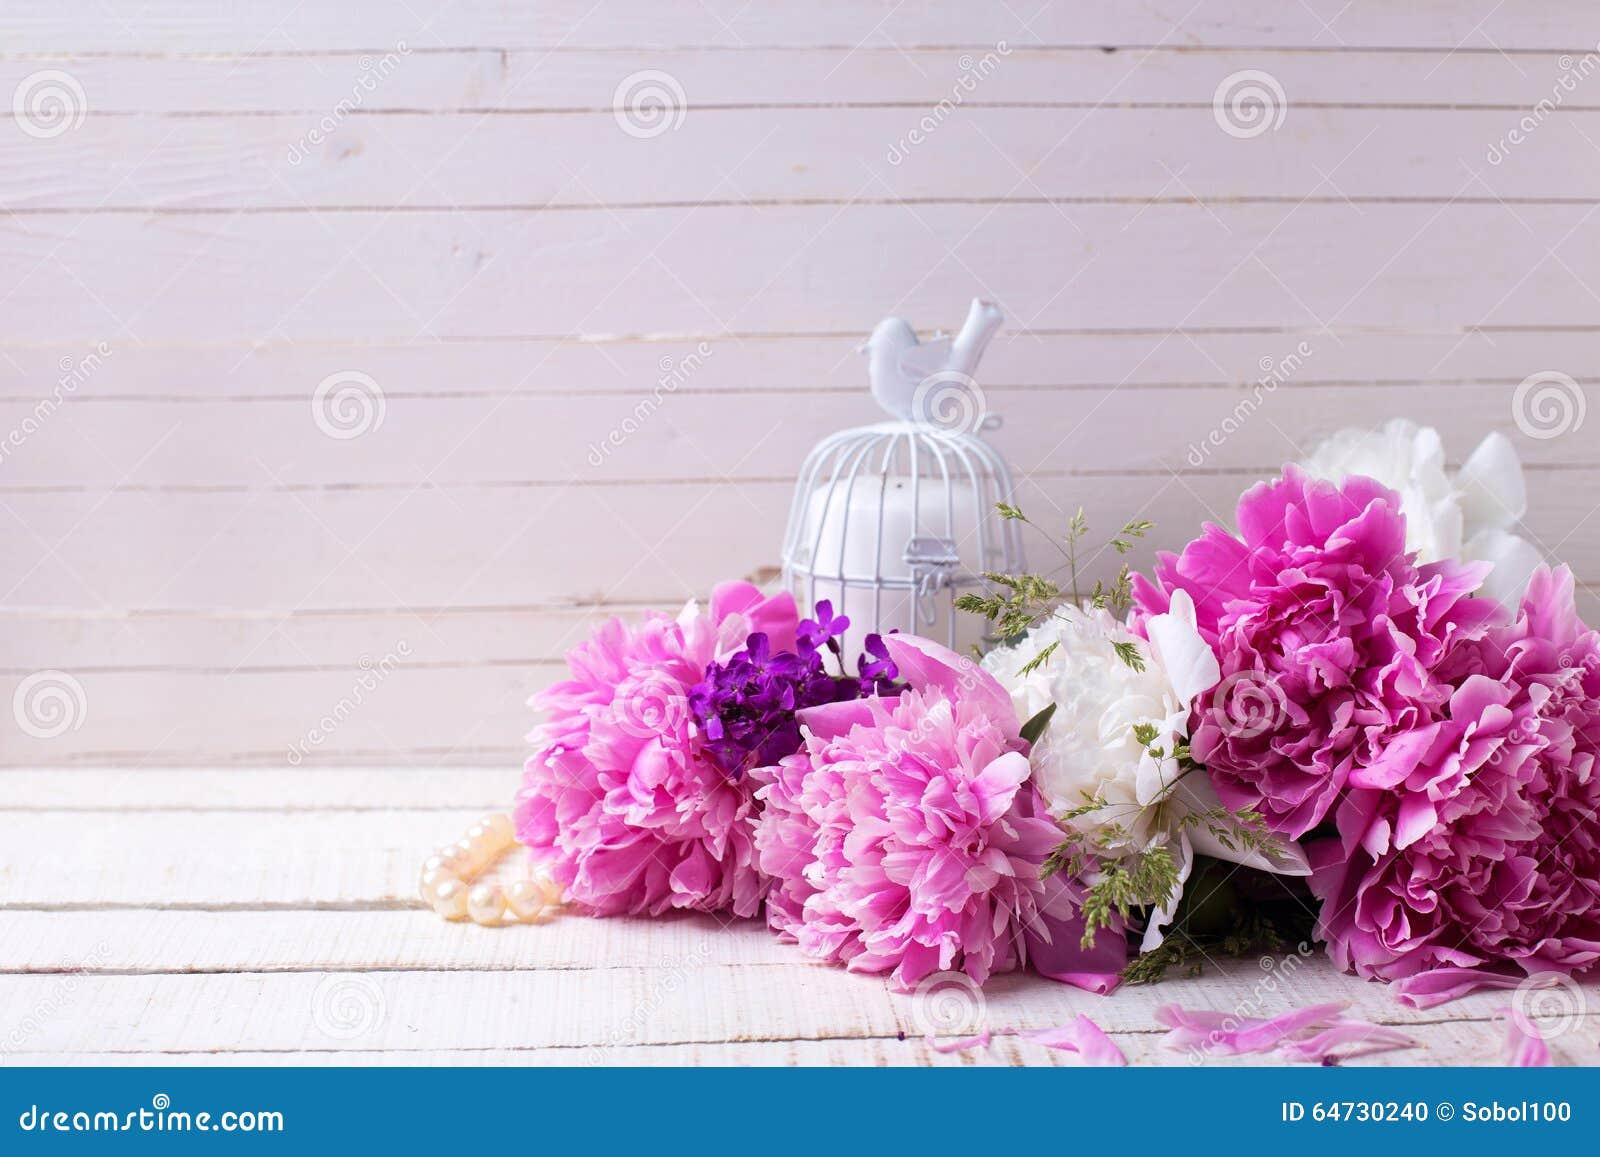 Le peonie bianche e rosa fiorisce sulle plance di legno dipinte bianco